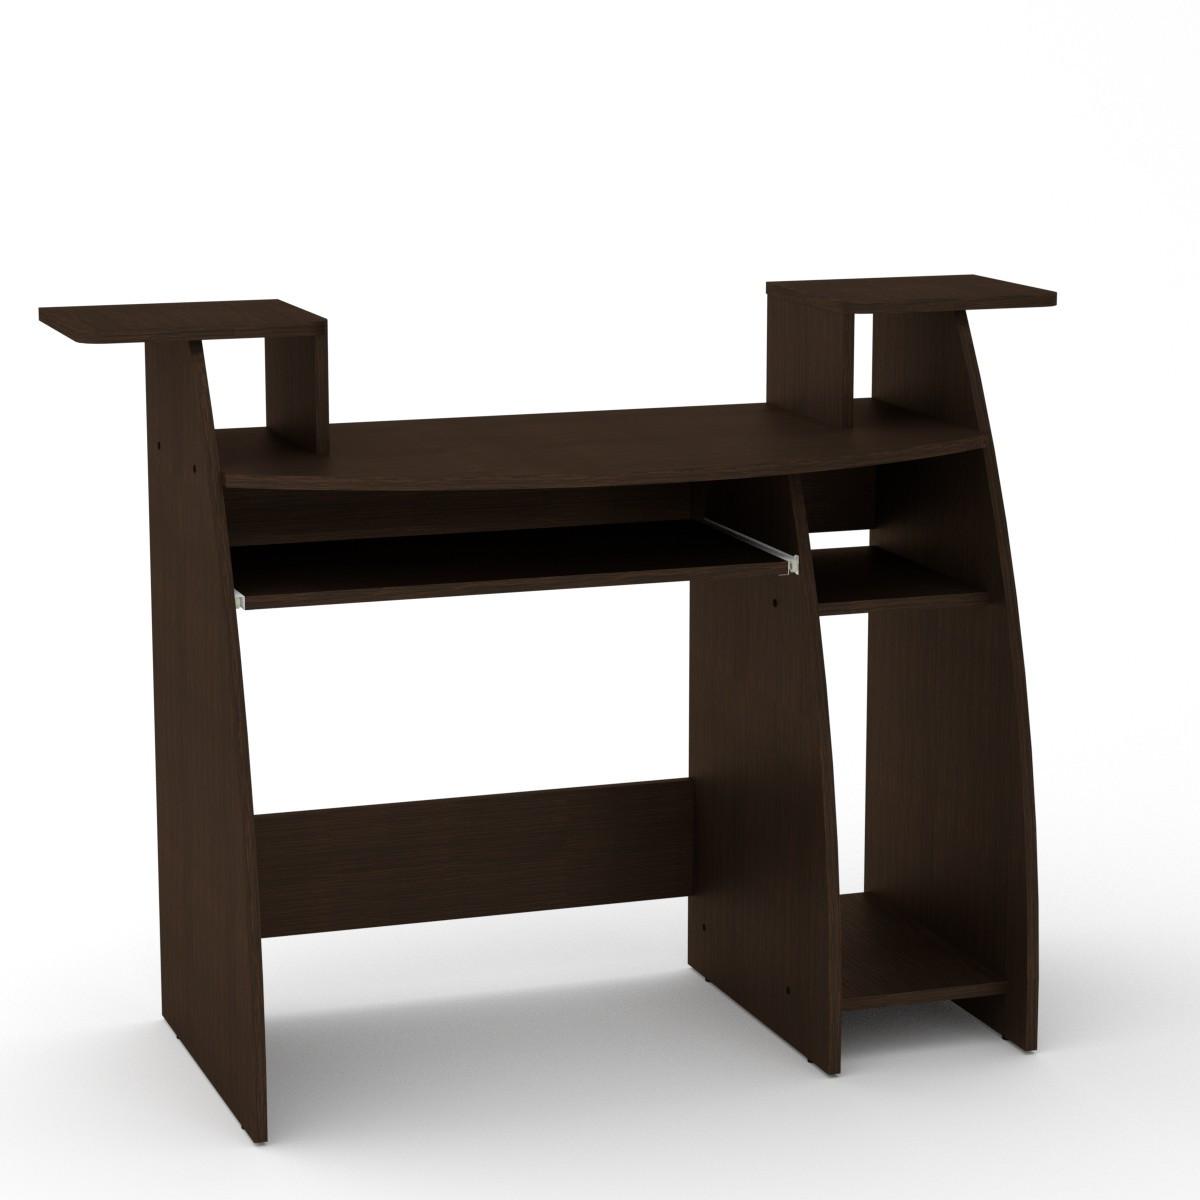 Стол компьютерный СКМ-4 венге темный Компанит (123х50х92 см)